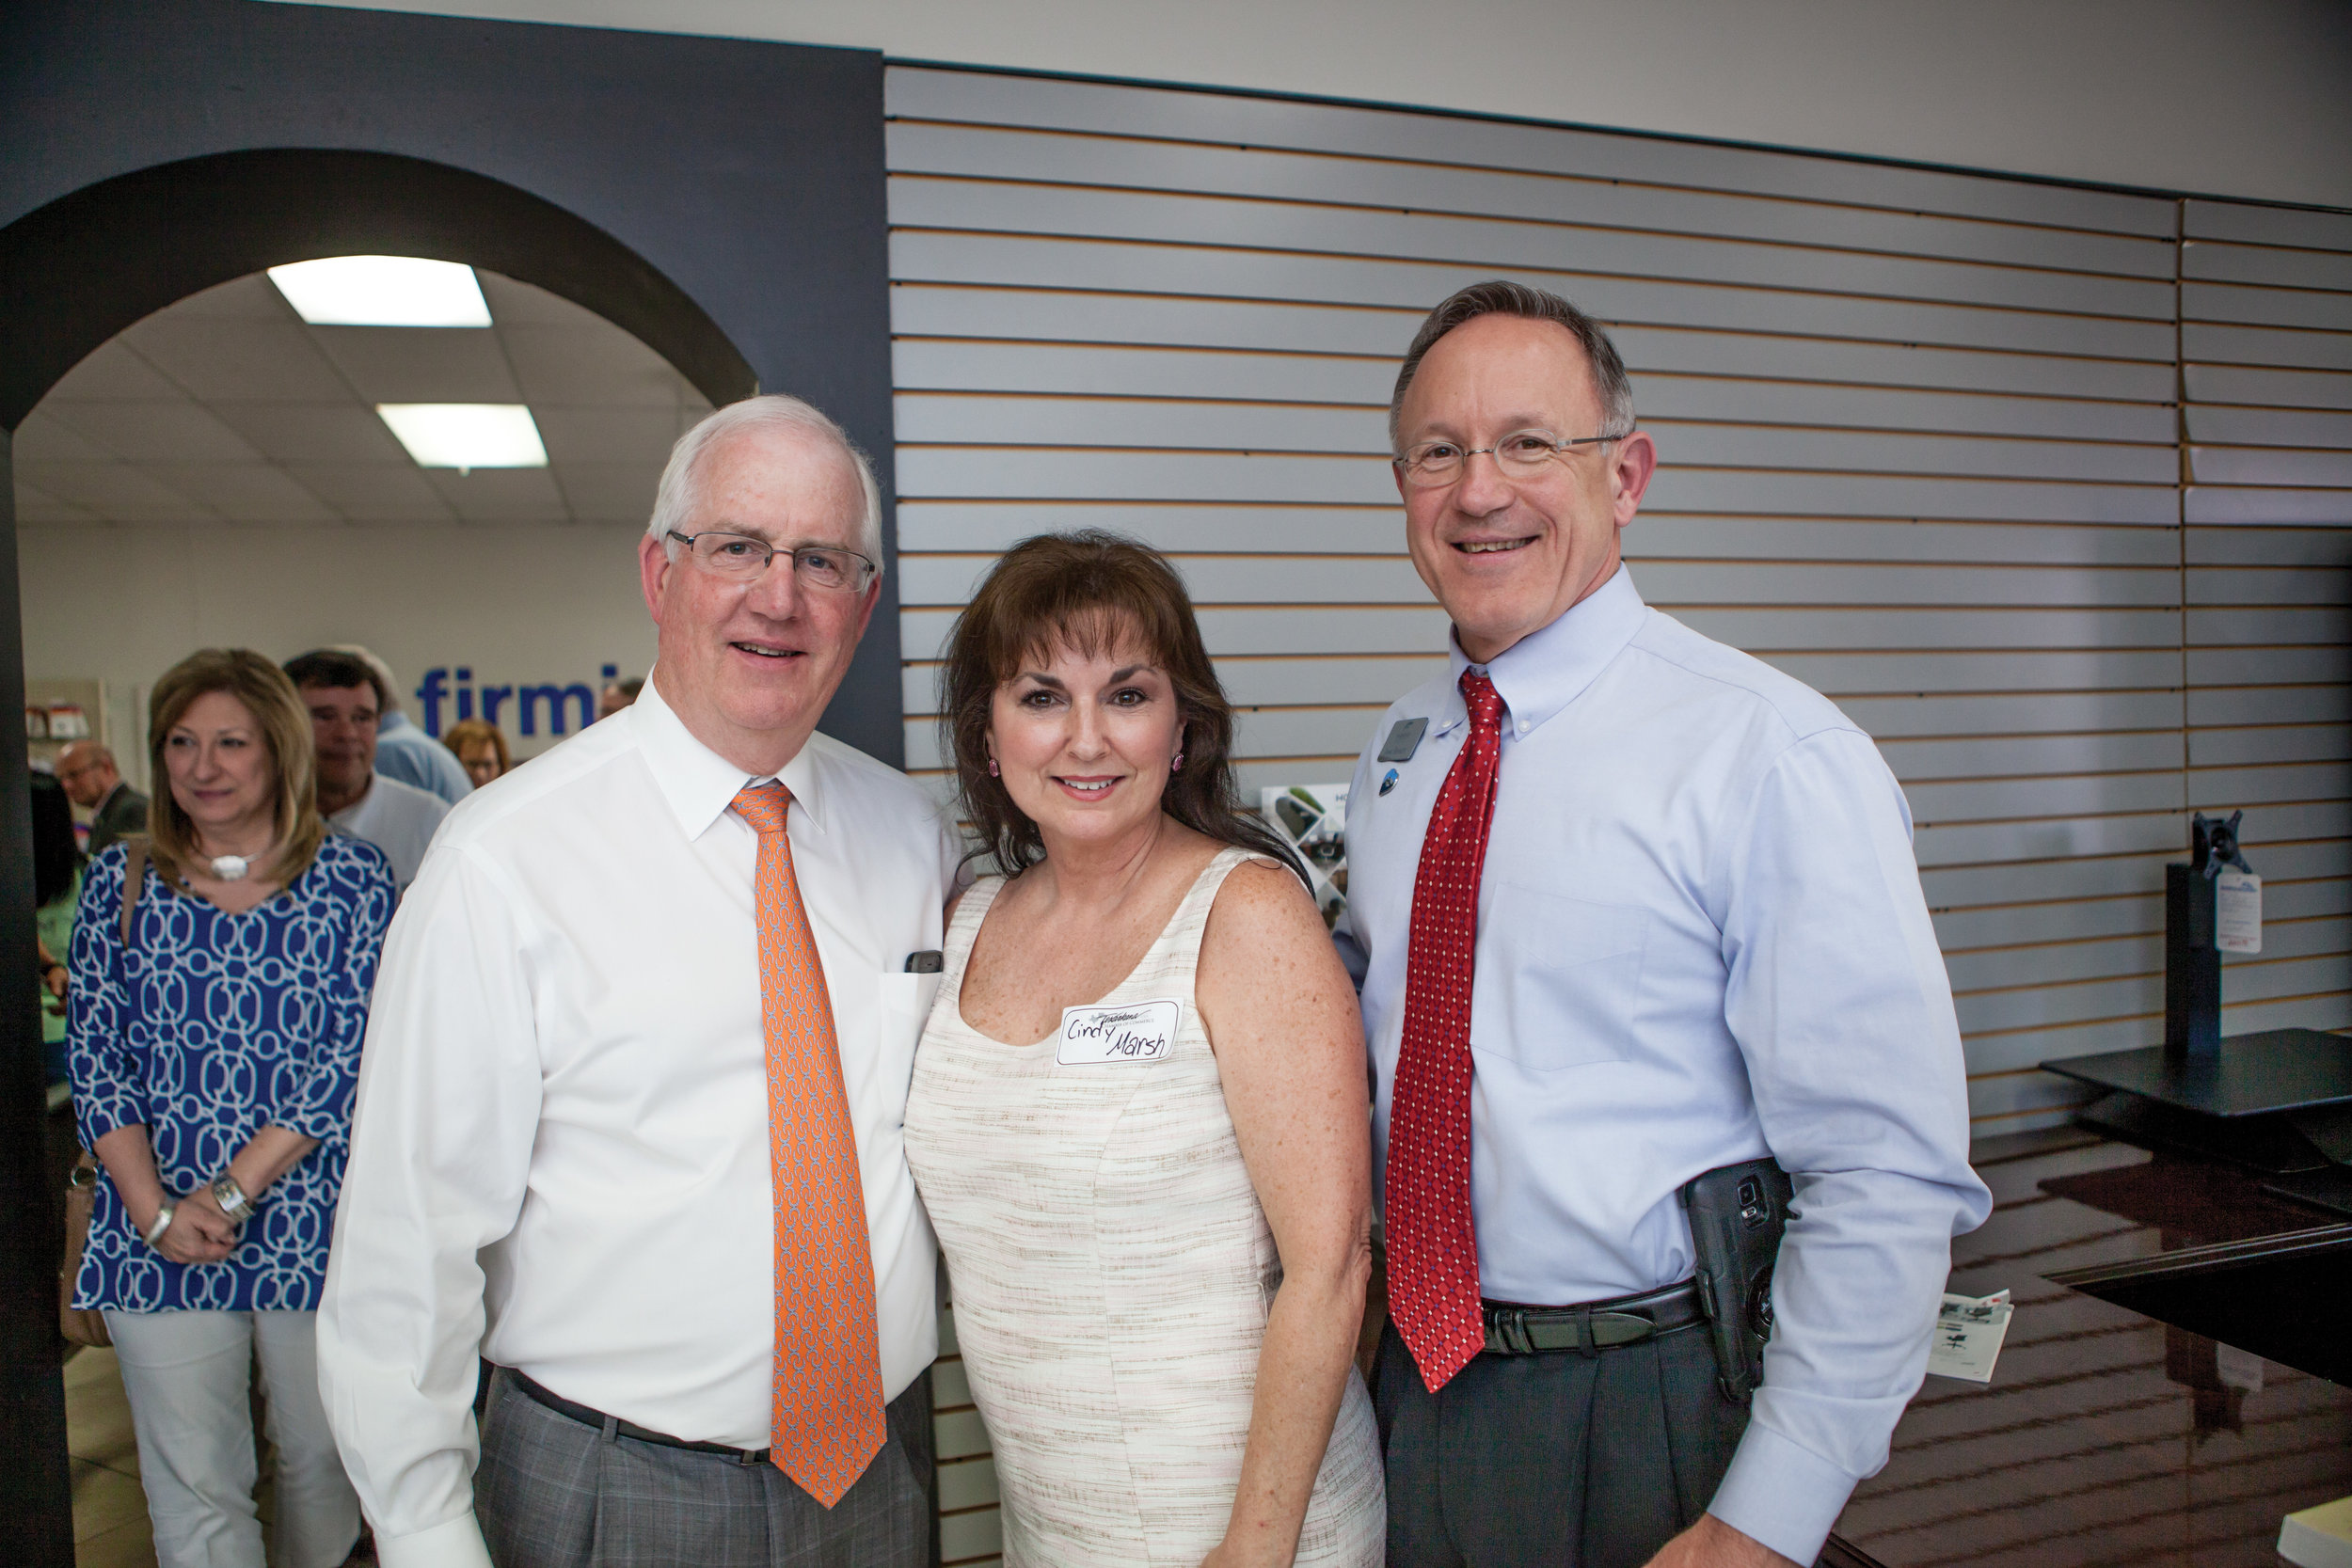 Don Morriss, Cindy Marsh and James Bramlett